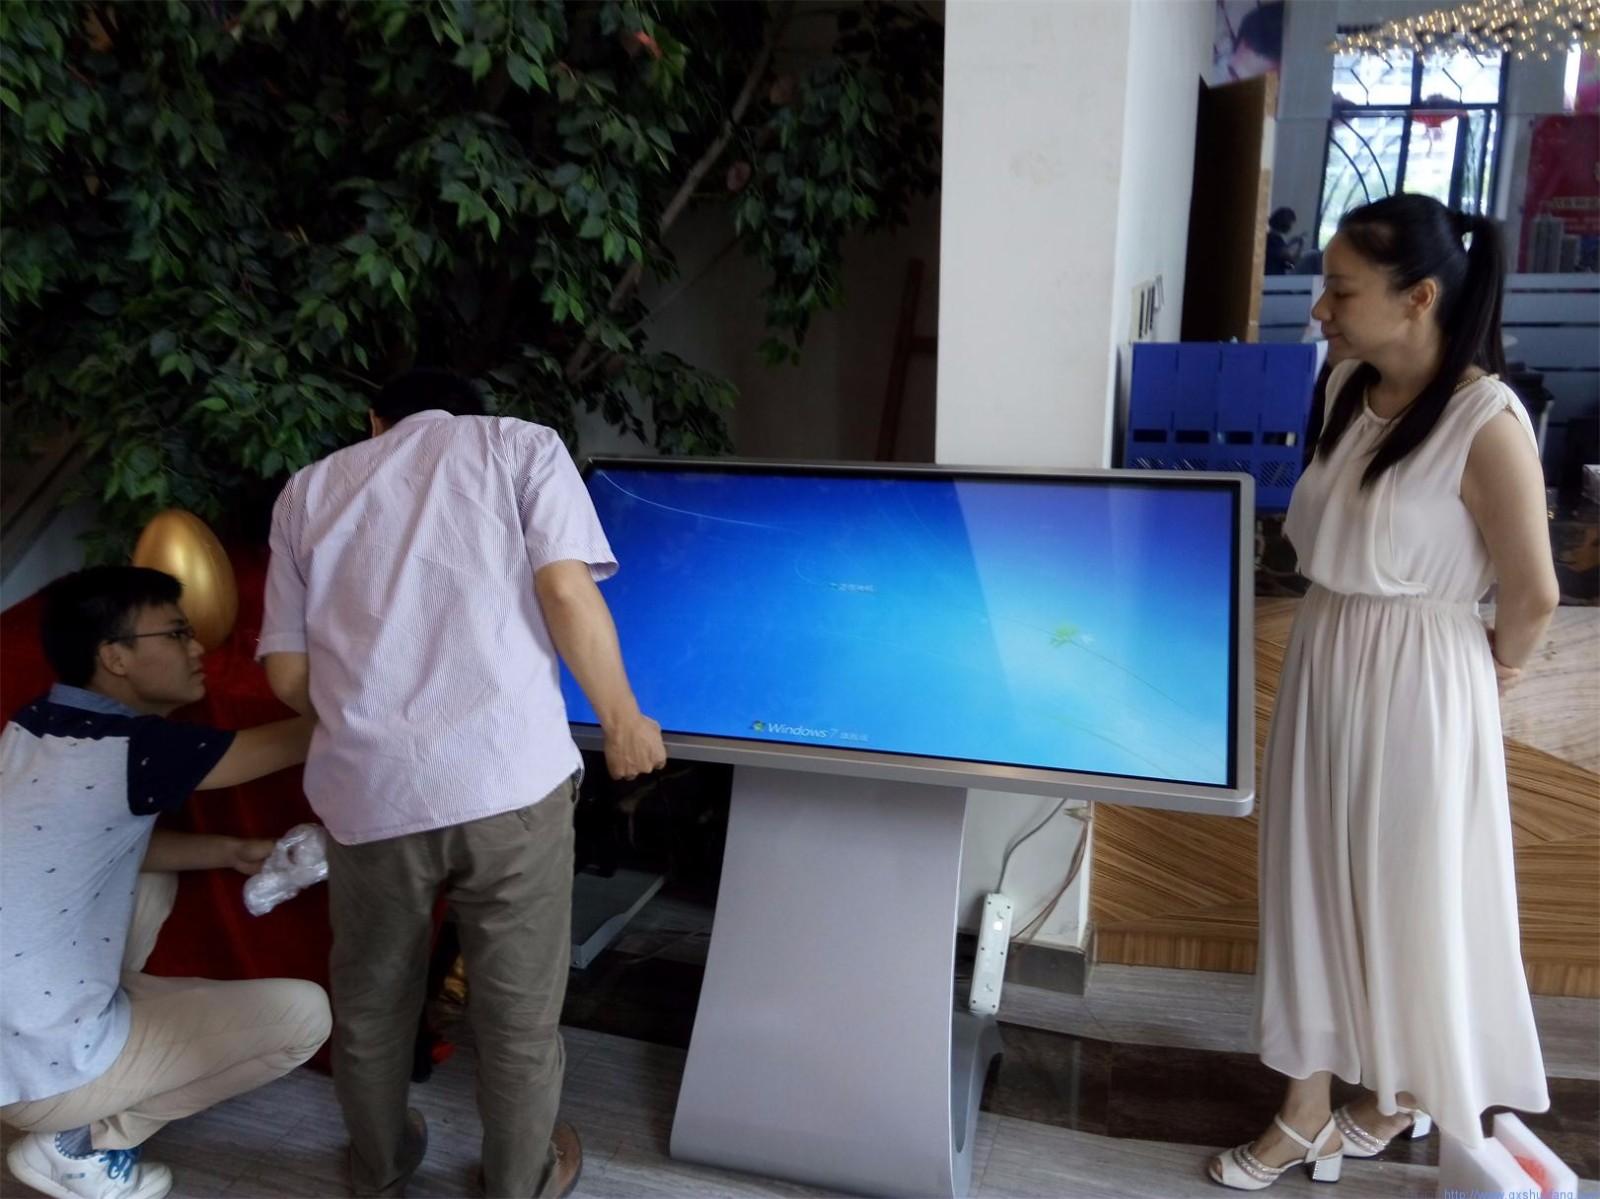 三重新莊臺南市大嘉彙房地産觸摸查詢機項目